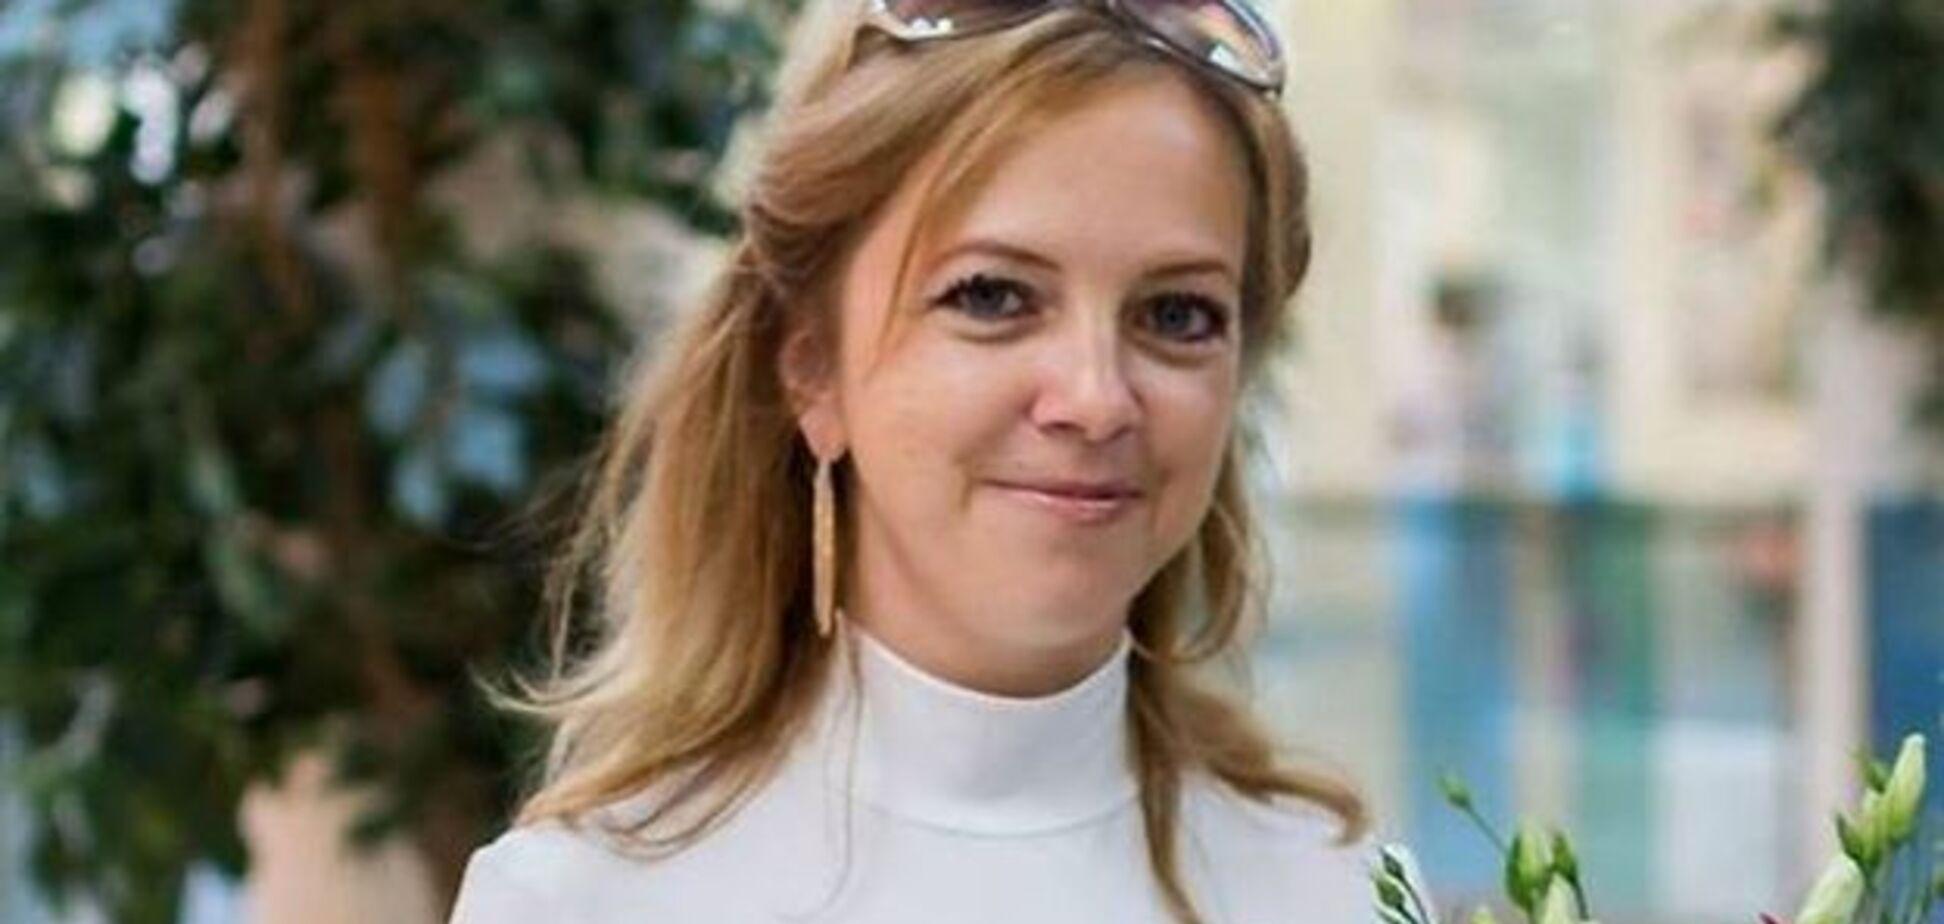 Подозреваемый в убийстве Ноздровской дал показания: всплыли детали